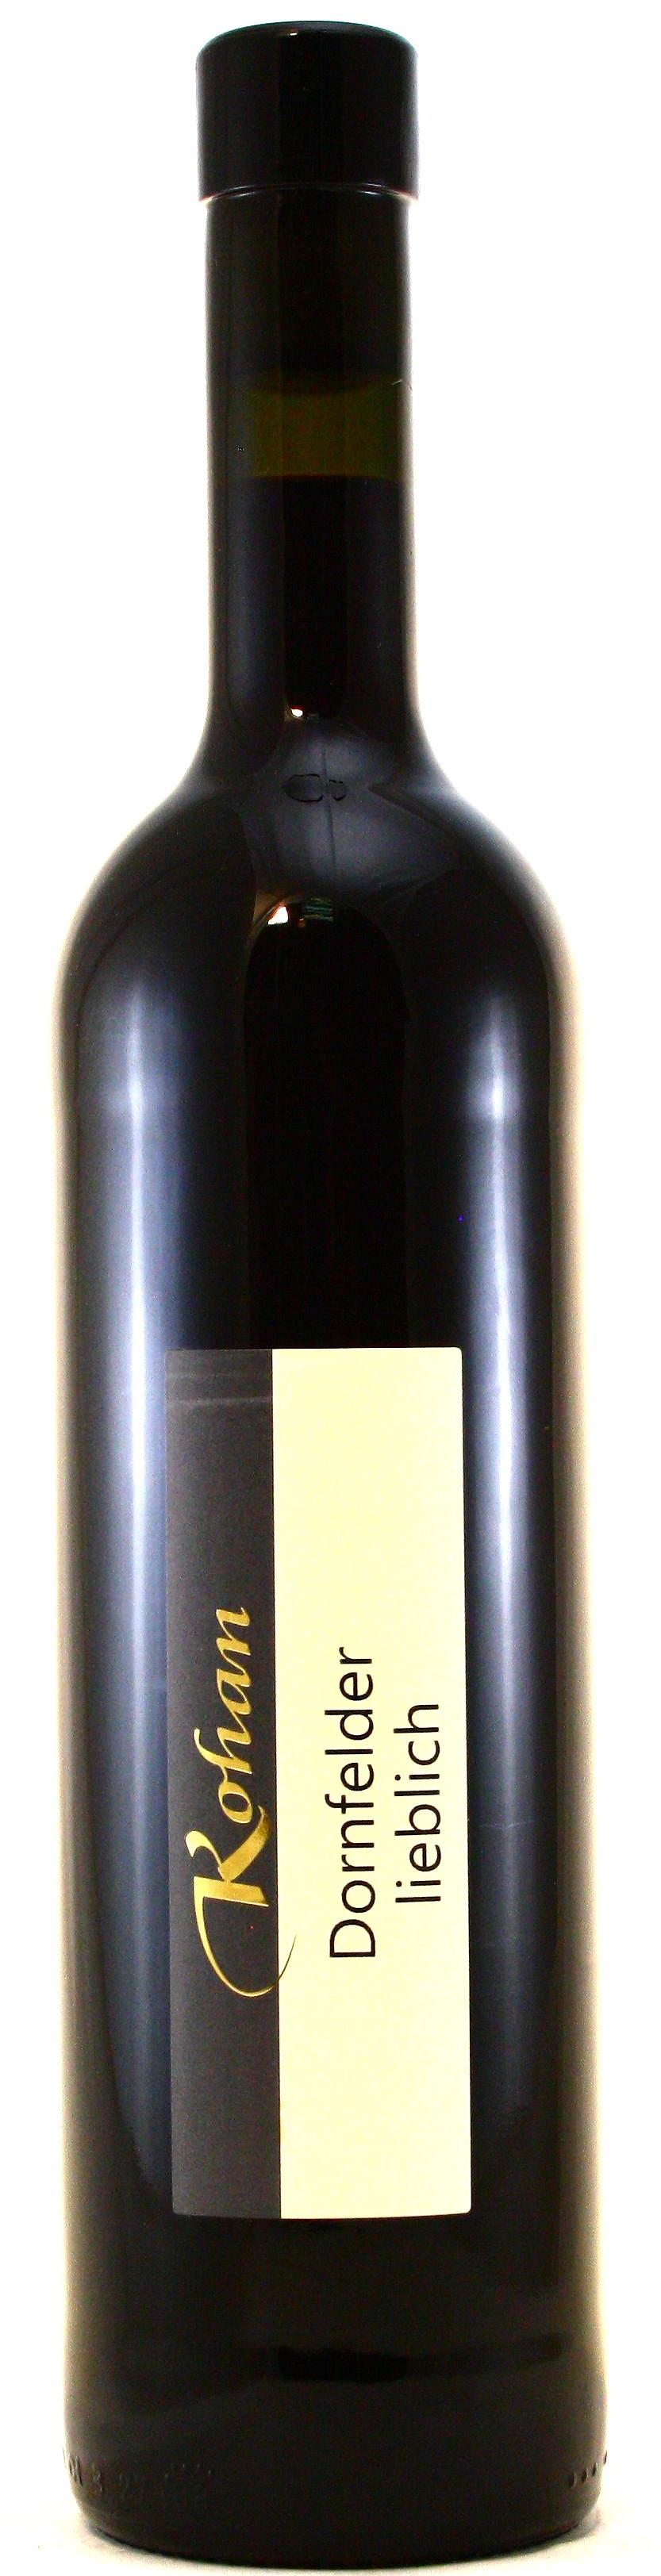 Dornfelder Rotwein lieblich Kohan